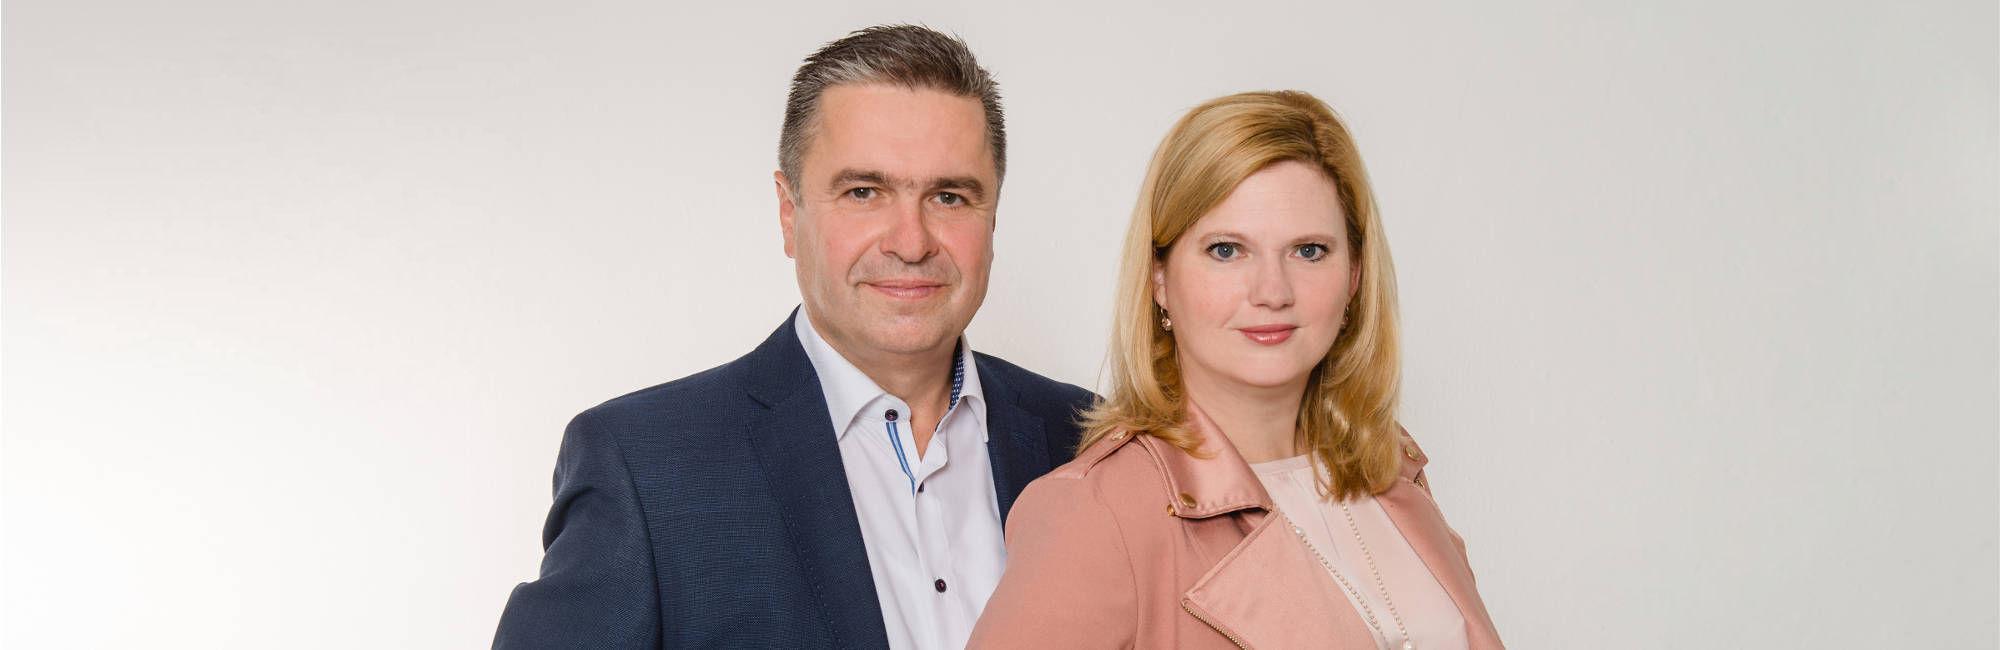 Foto Rechtsanwalt Hausel und Rechtsanwältin Eichmann aus Cadolzburg im Landkreis Fürth